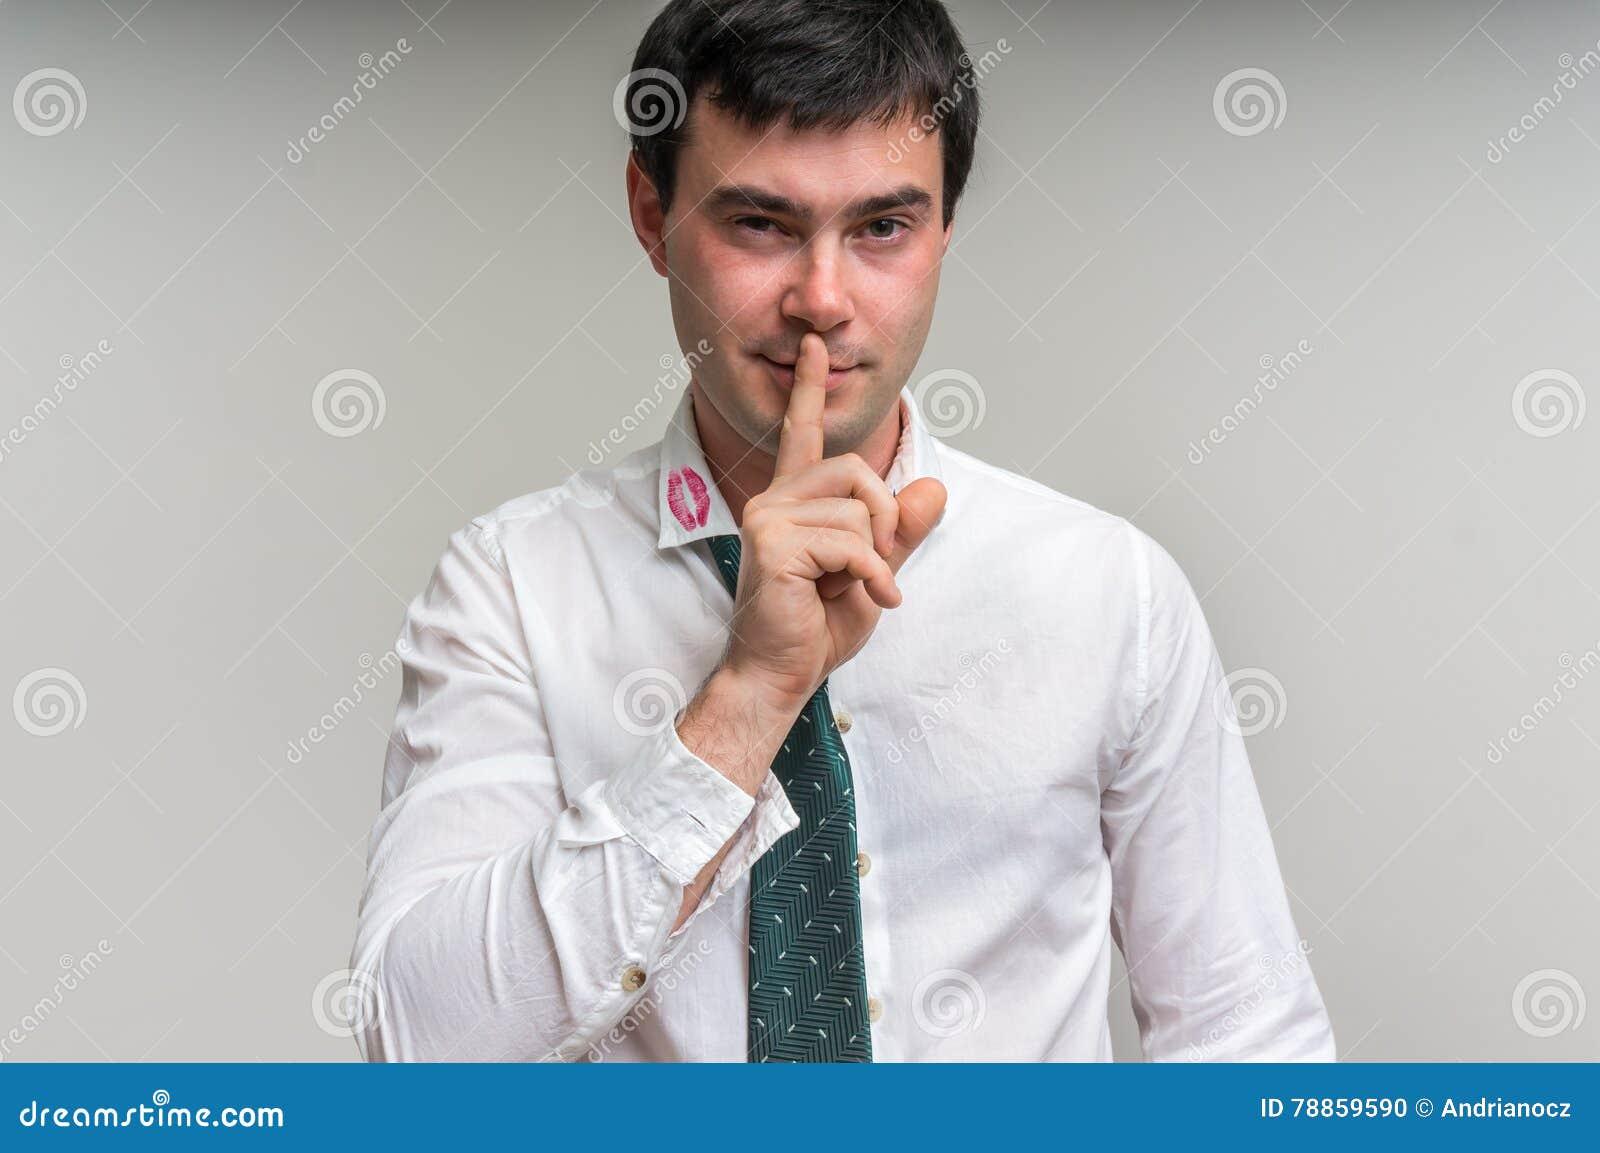 Ελκυστικό άτομο με το δάχτυλο στα χείλια και το κραγιόν στο περιλαίμιο πουκάμισων